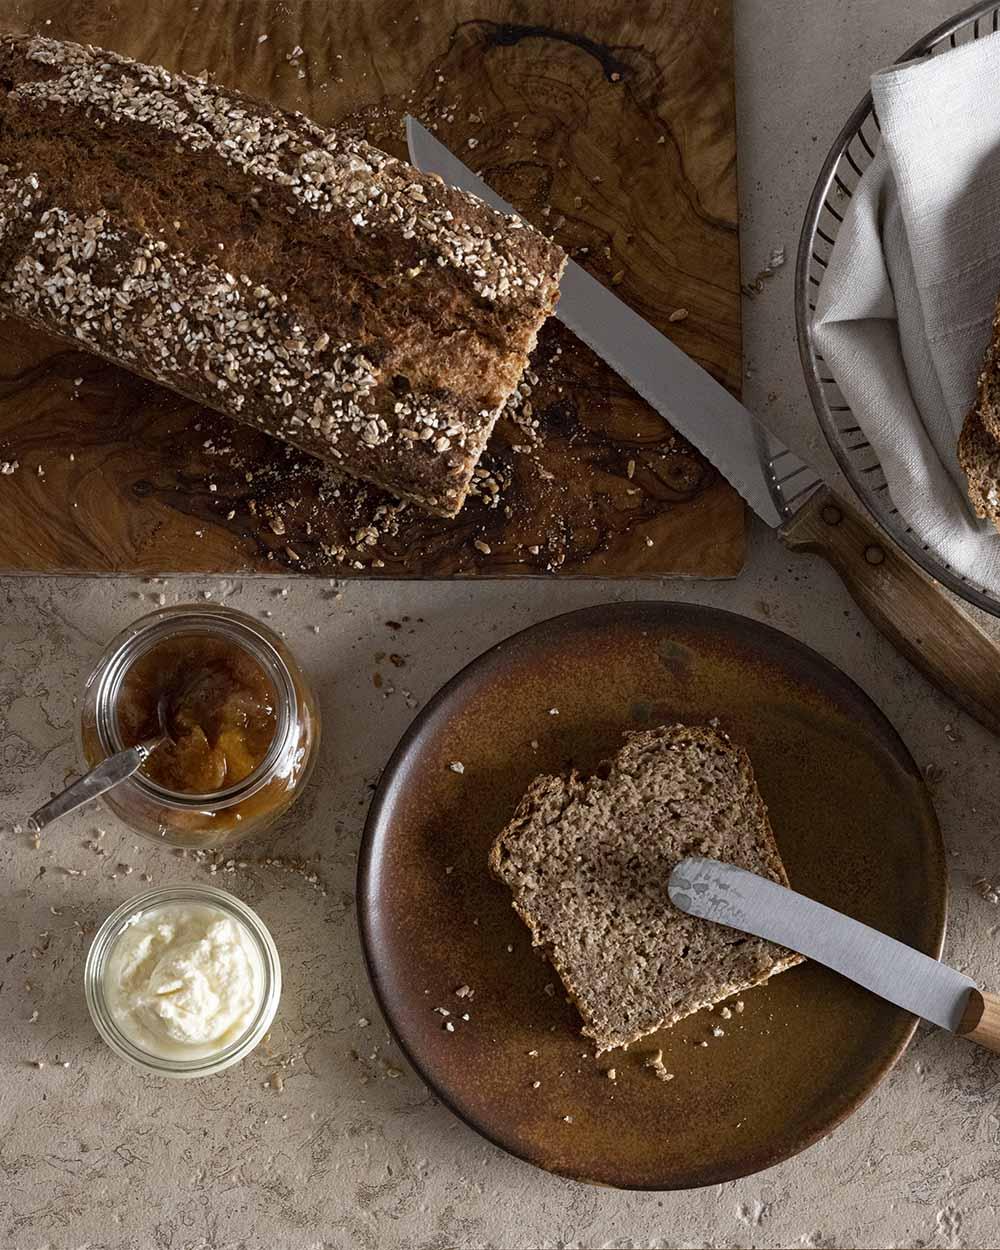 Eine Scheibe Brot unseres Quark-Quitten-Brots auf einem Teller